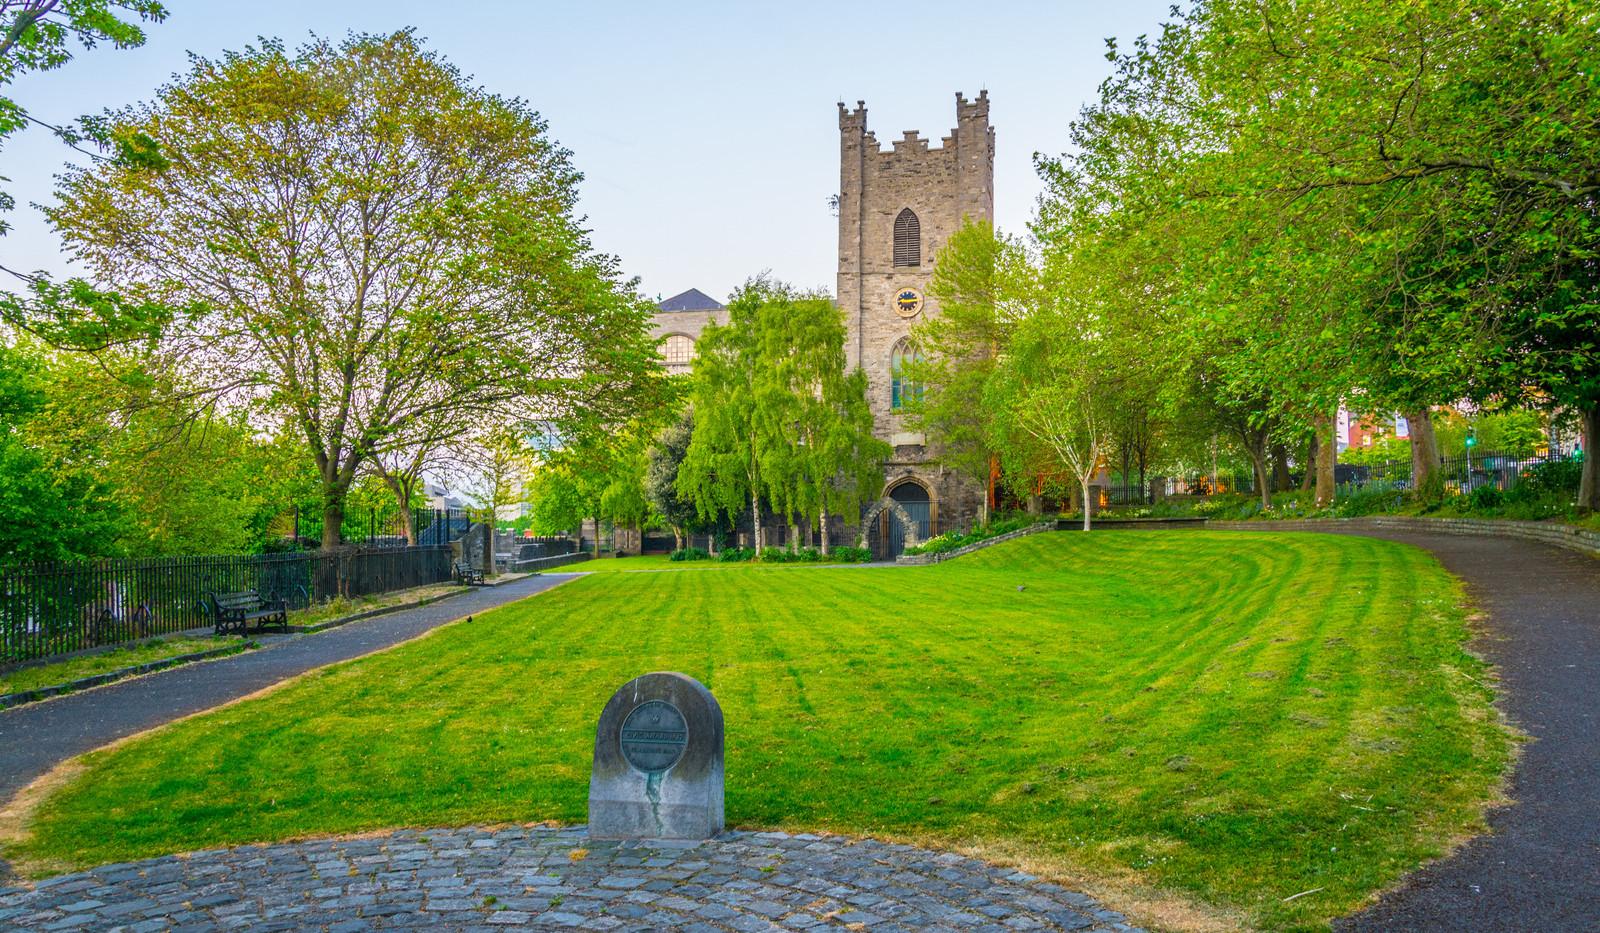 Canva - Saint Audoen church in Dublin, I